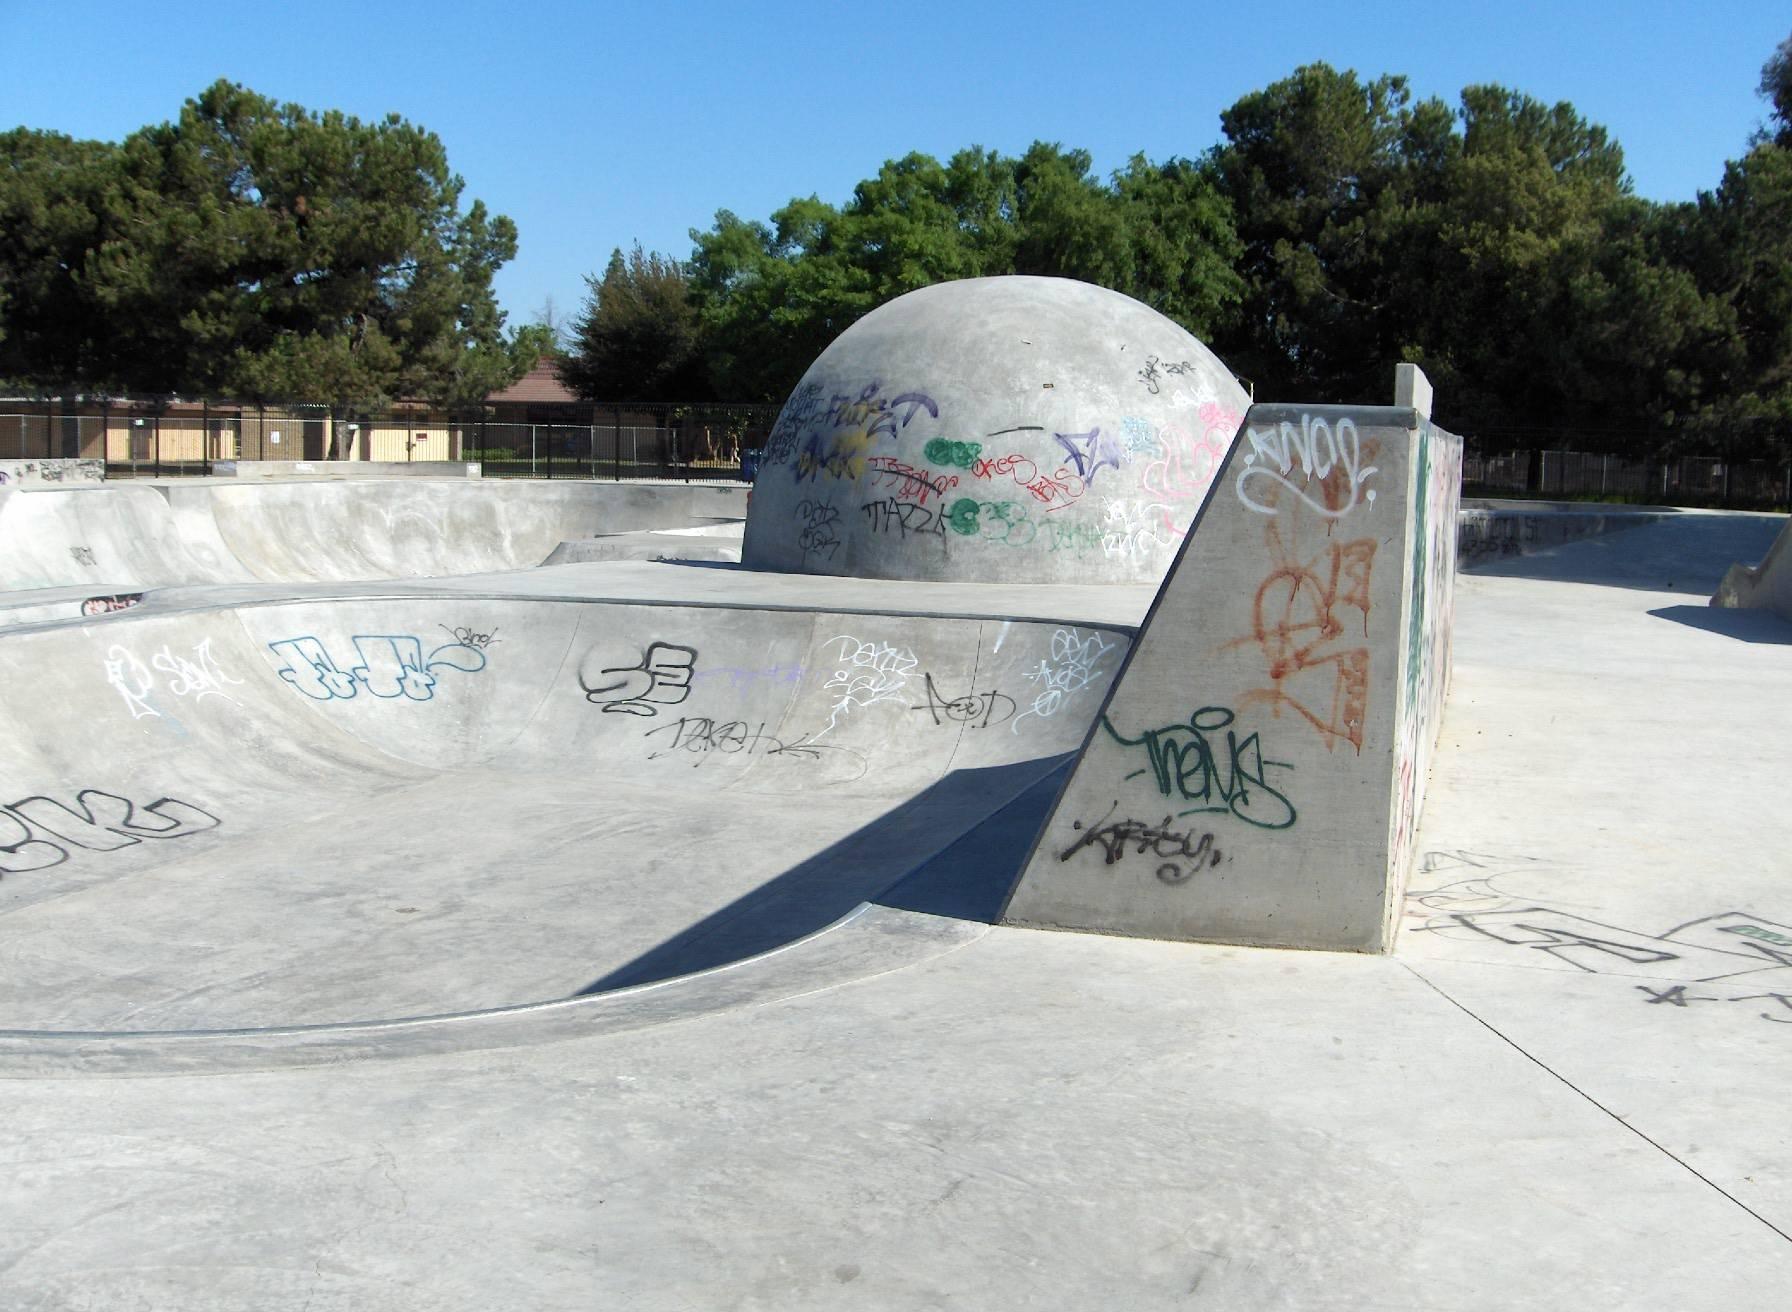 removing graffiti from skate park